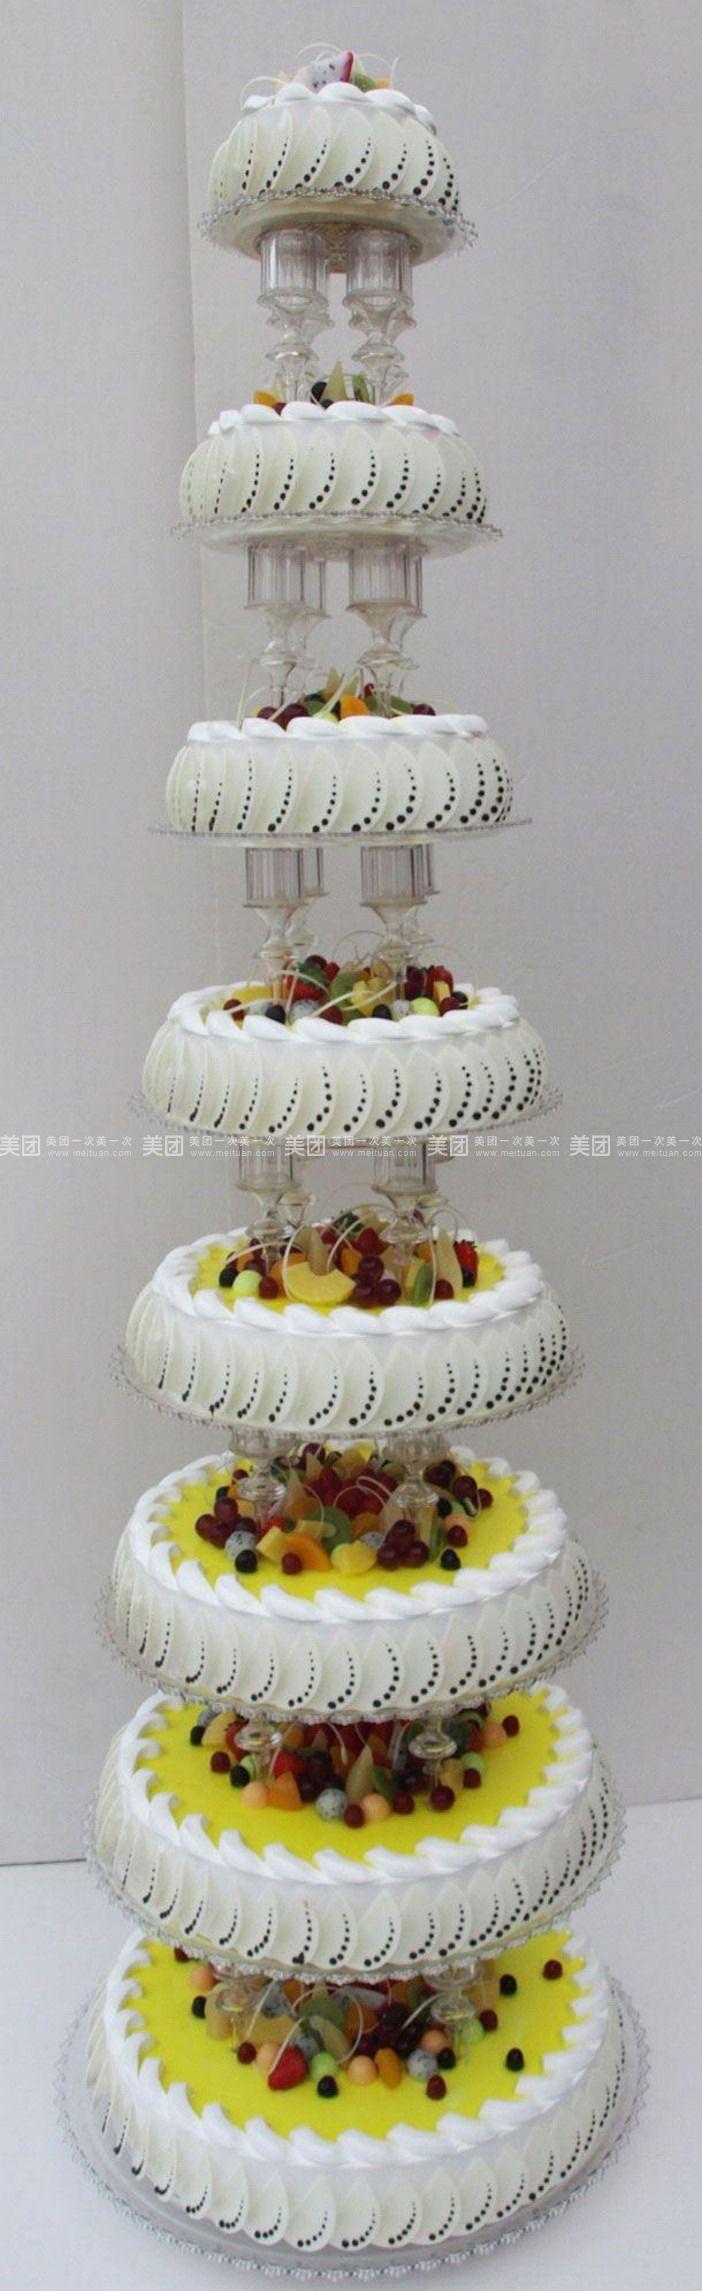 美食团购 甜点饮品 凯源兴蛋糕   本单详情      美味尽享  套餐内容